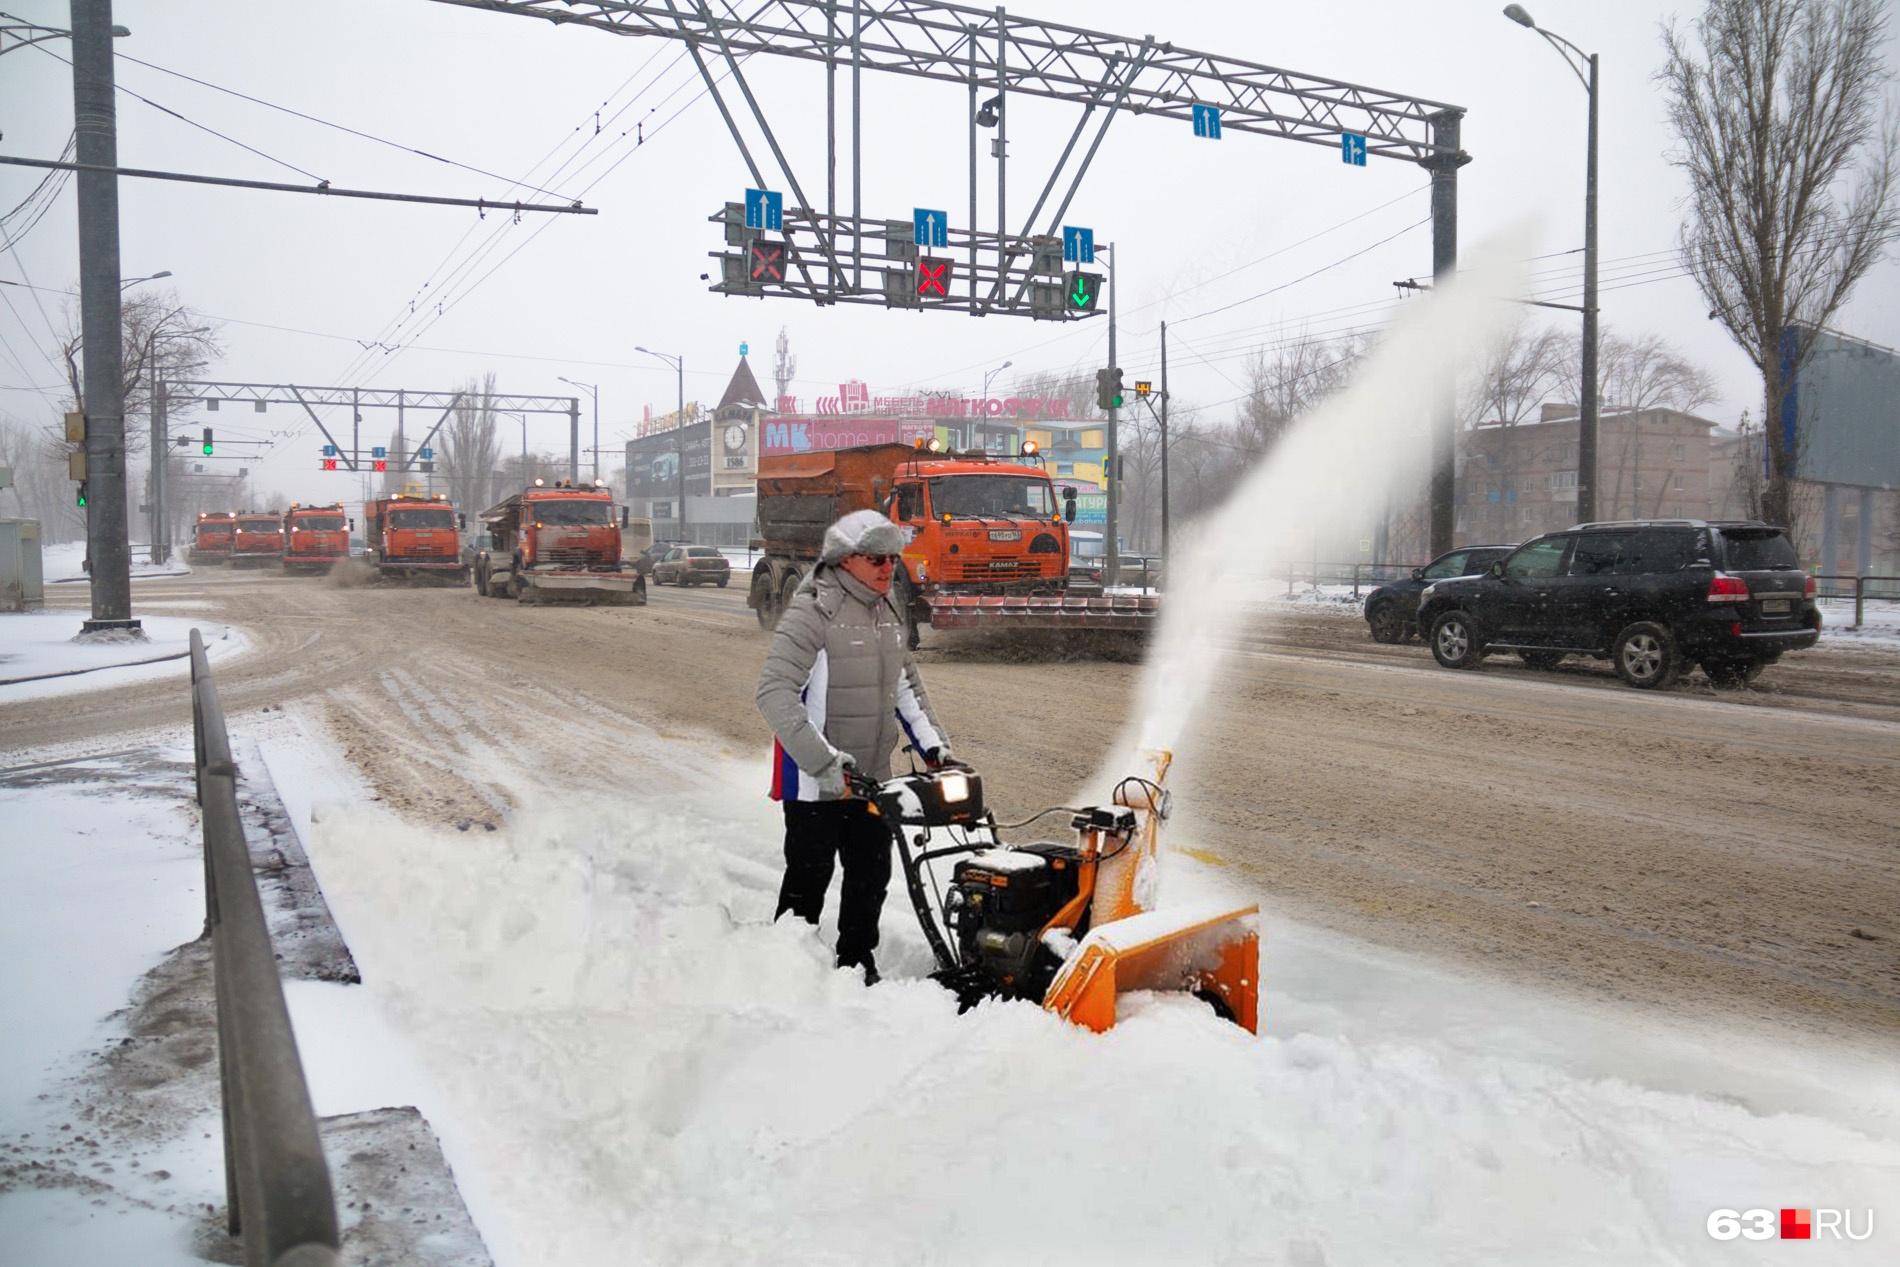 Снега еще много, Дмитрий Игоревич